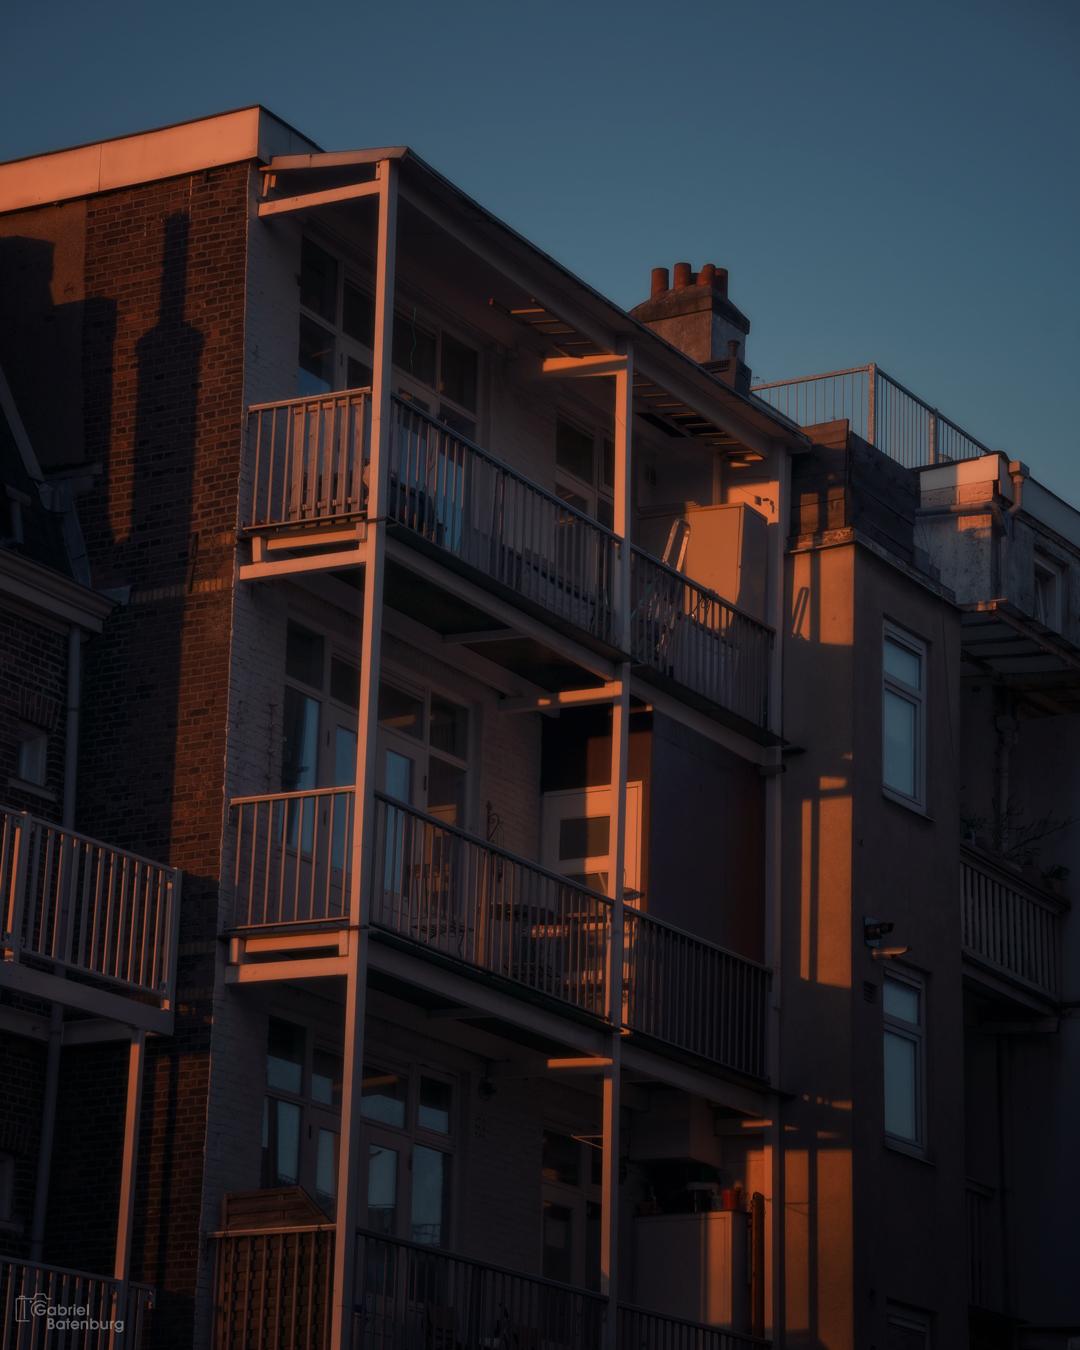 Zonsondergang in Amsterdam - De balkons van het laatste licht. - foto door gabriel-batenburg1969 op 12-04-2021 - locatie: Amsterdam, Nederland - deze foto bevat: #amsterdam, #zonsondergang, #avondlicht, gebouw, lucht, torenblok, stedelijk ontwerp, condominium, armatuur, venster, samengesteld materiaal, woongebied, facade